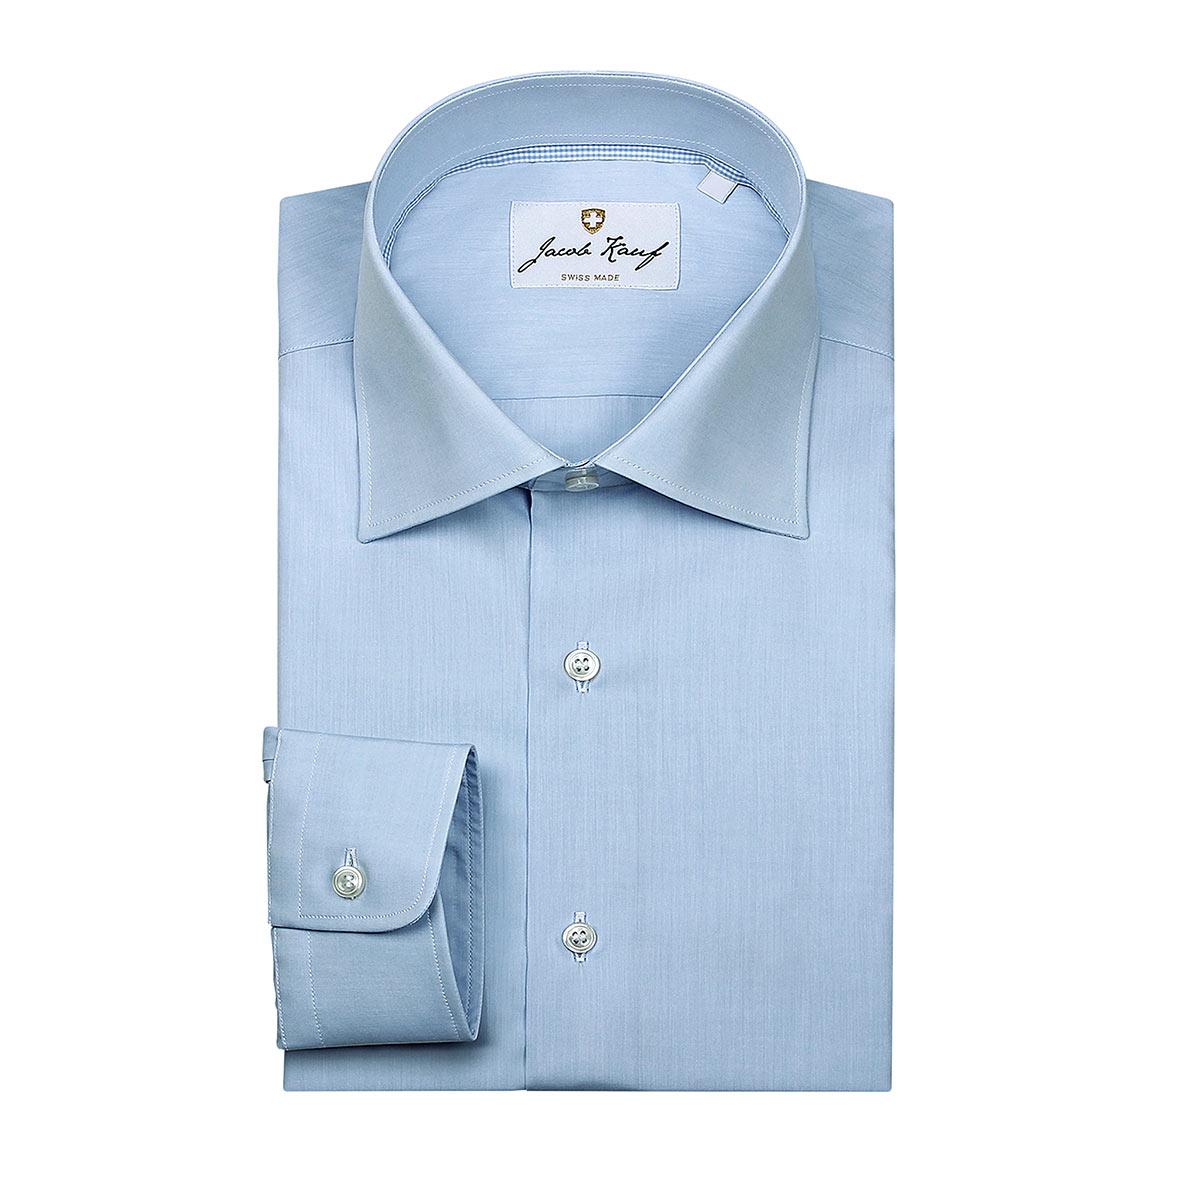 schweizer hemd jacob kauf, blau